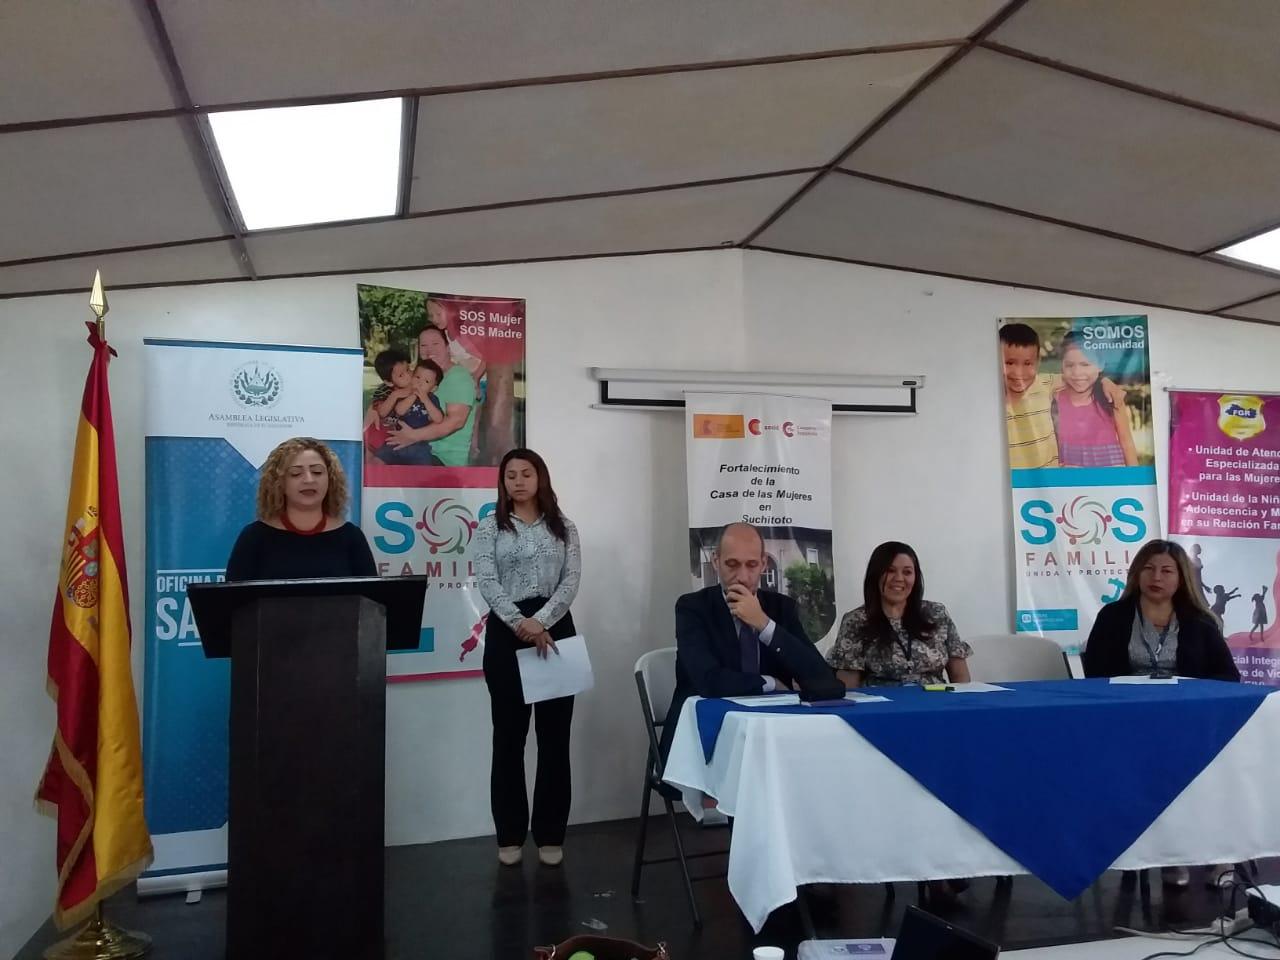 Inauguran Diplomado especializado en prevención y atención en violencia de género y feminicidio